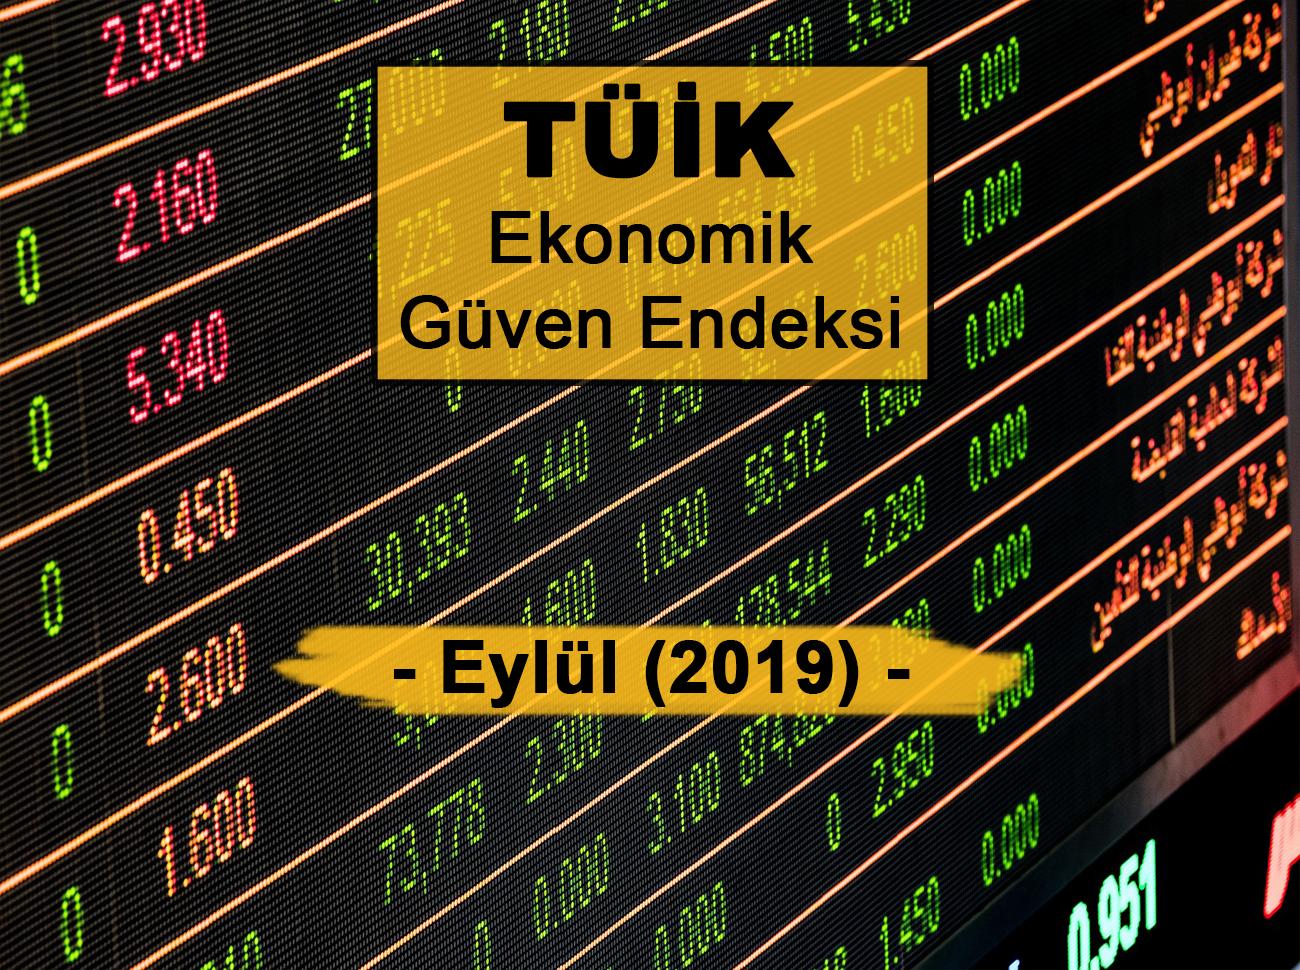 Ekonomik Güven Endeksi (Eylül 2019)